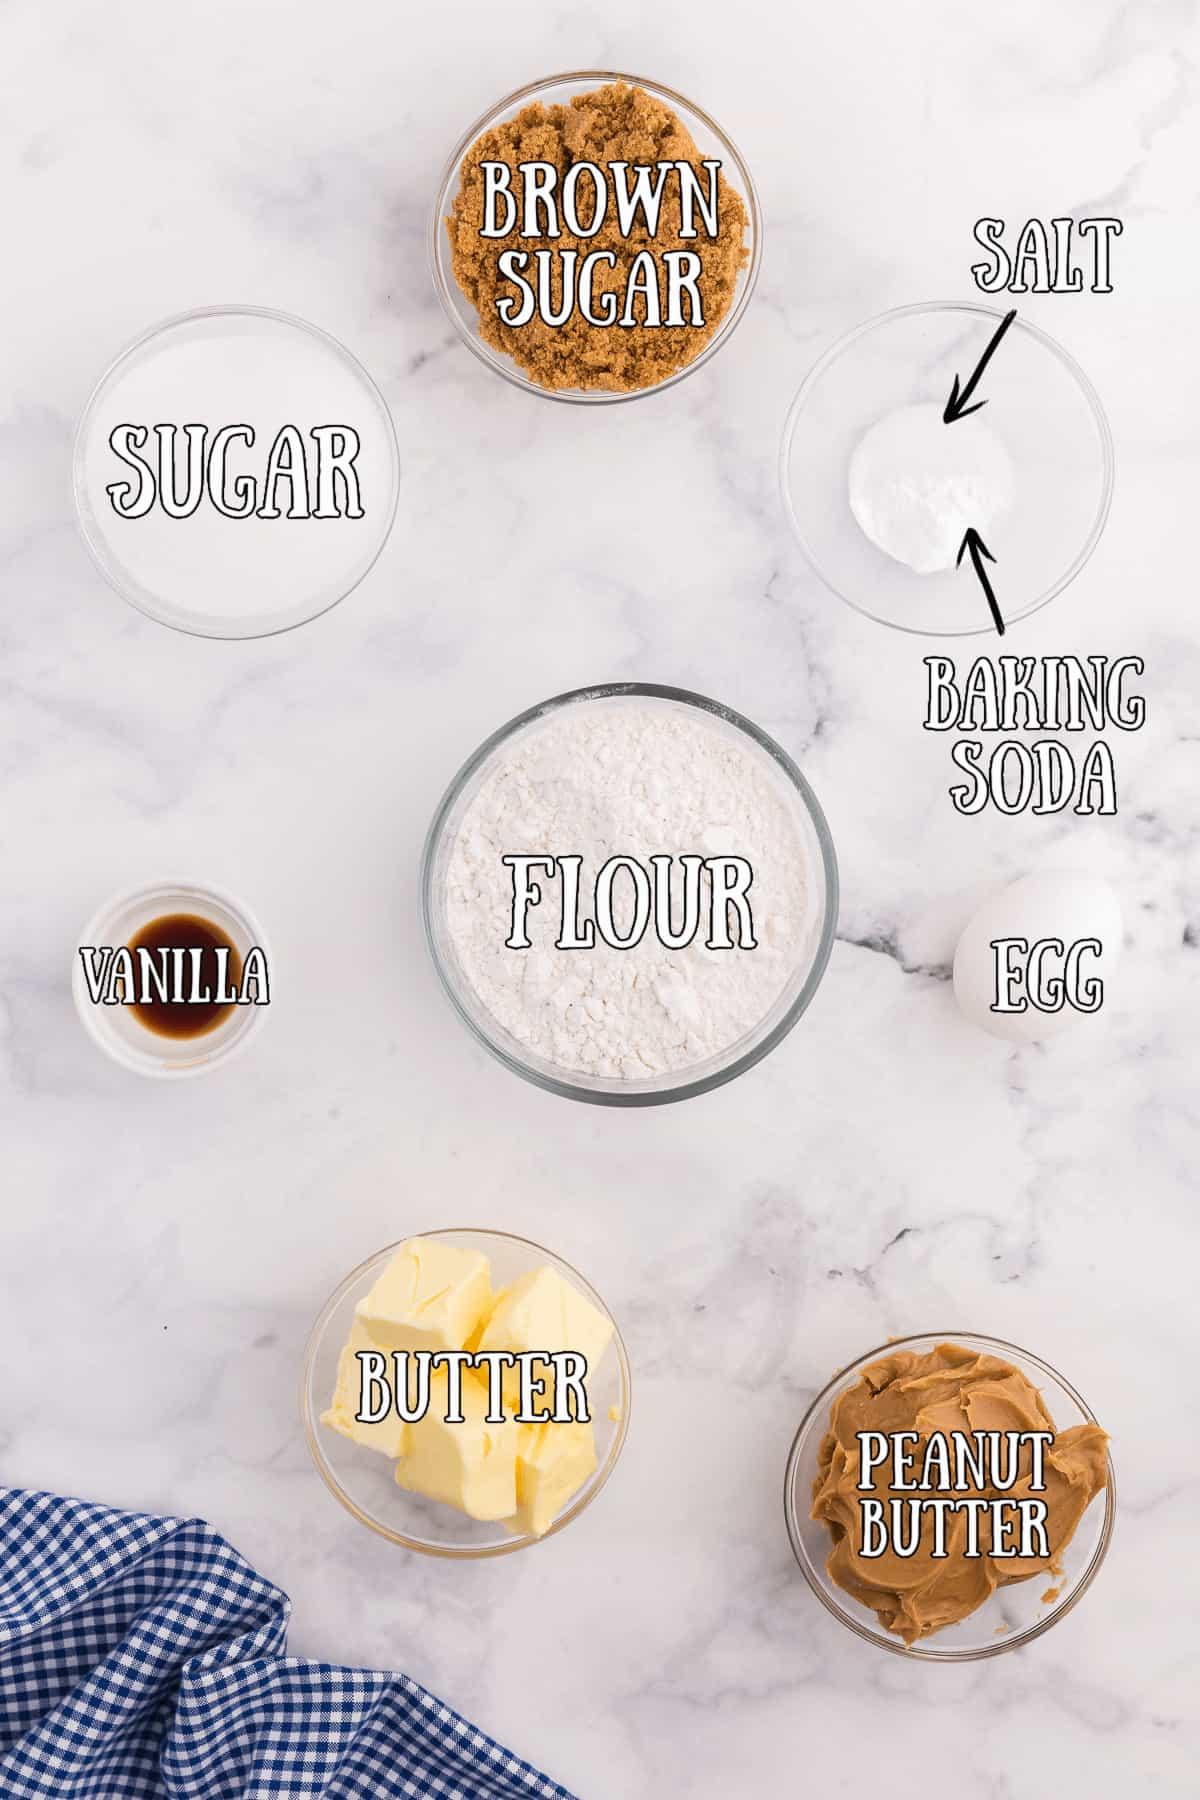 Peanut Butter Cookies ingredients